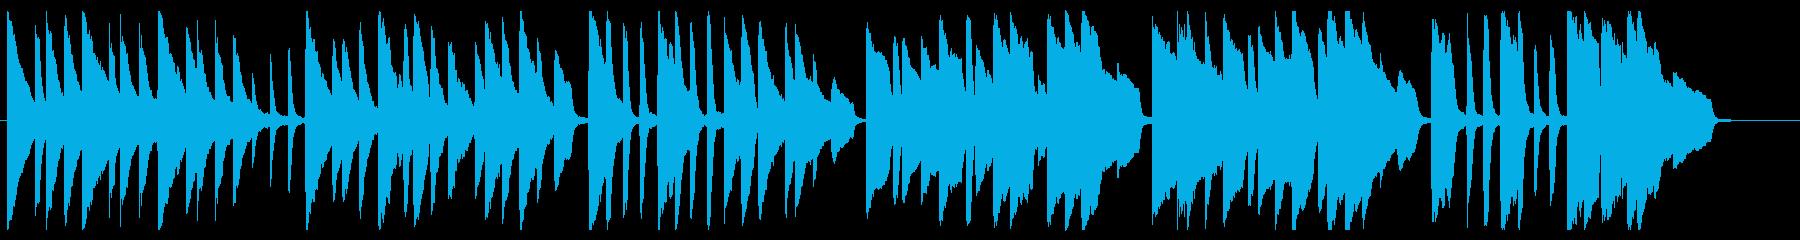 かたつむり ピアノver.の再生済みの波形